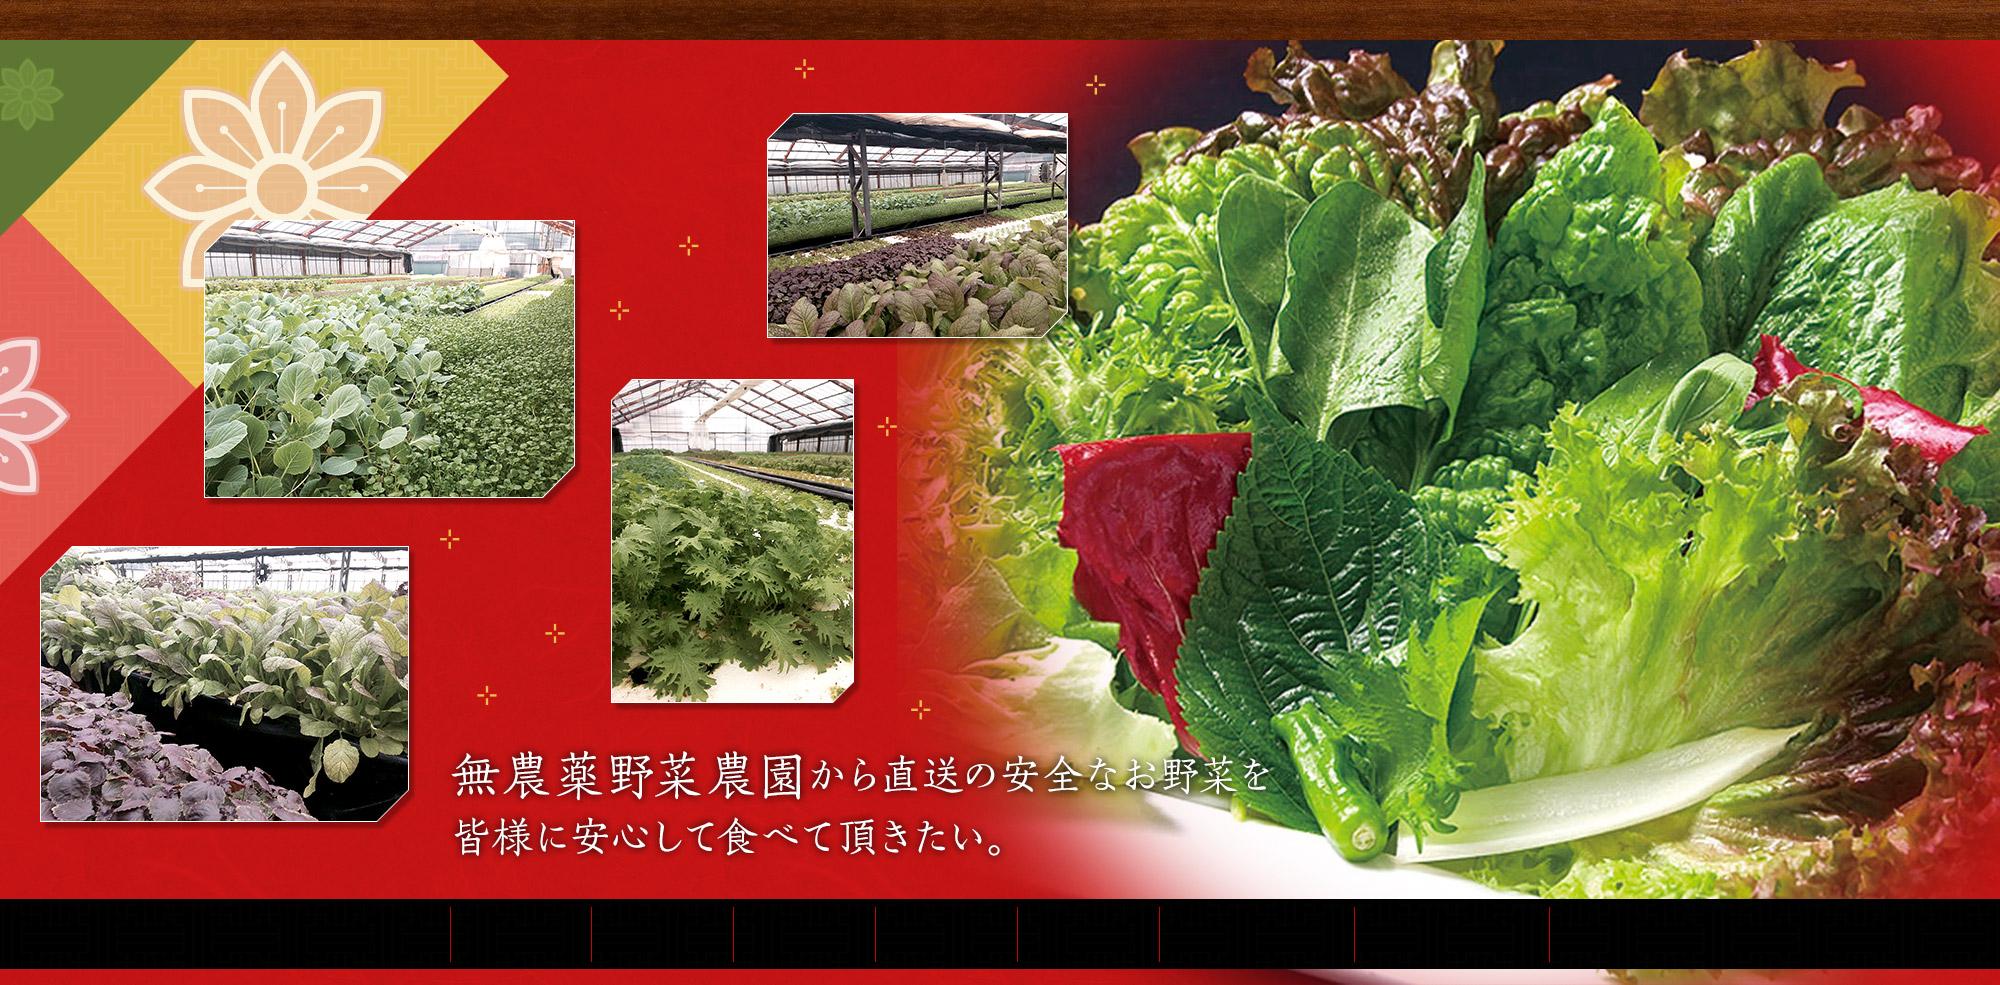 無農薬野菜農園から直送の安全なお野菜を皆様に安心して食べて頂きたい。